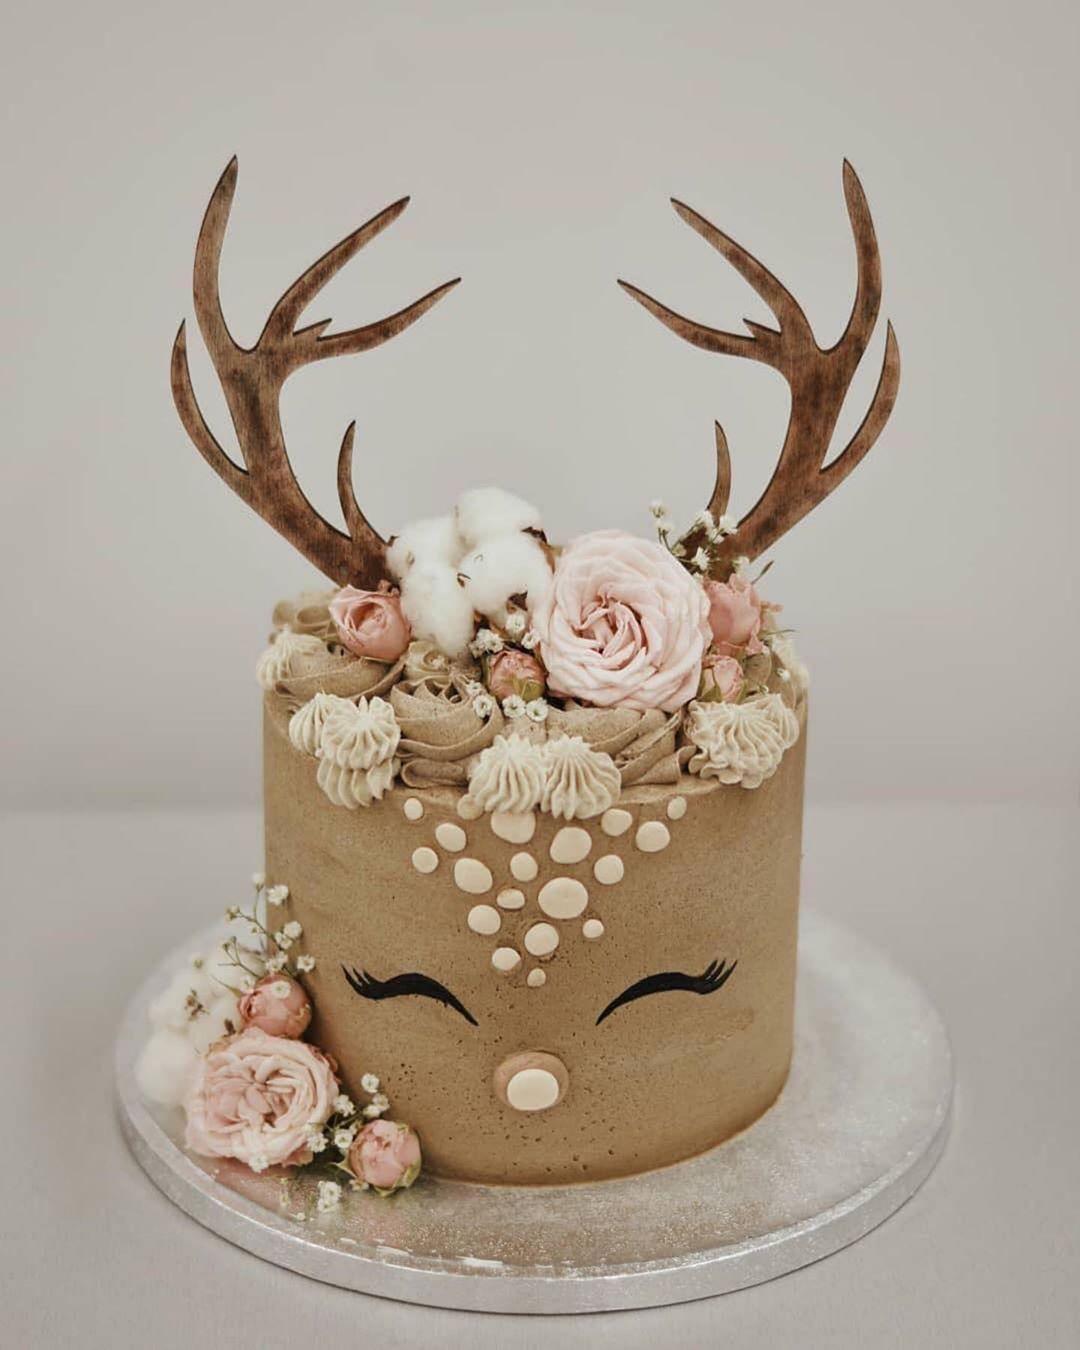 """Luisa on Instagram: """"Zum Einläuten des Herbstes habe ich diese süße Rentier-Torte für euch entdeckt"""